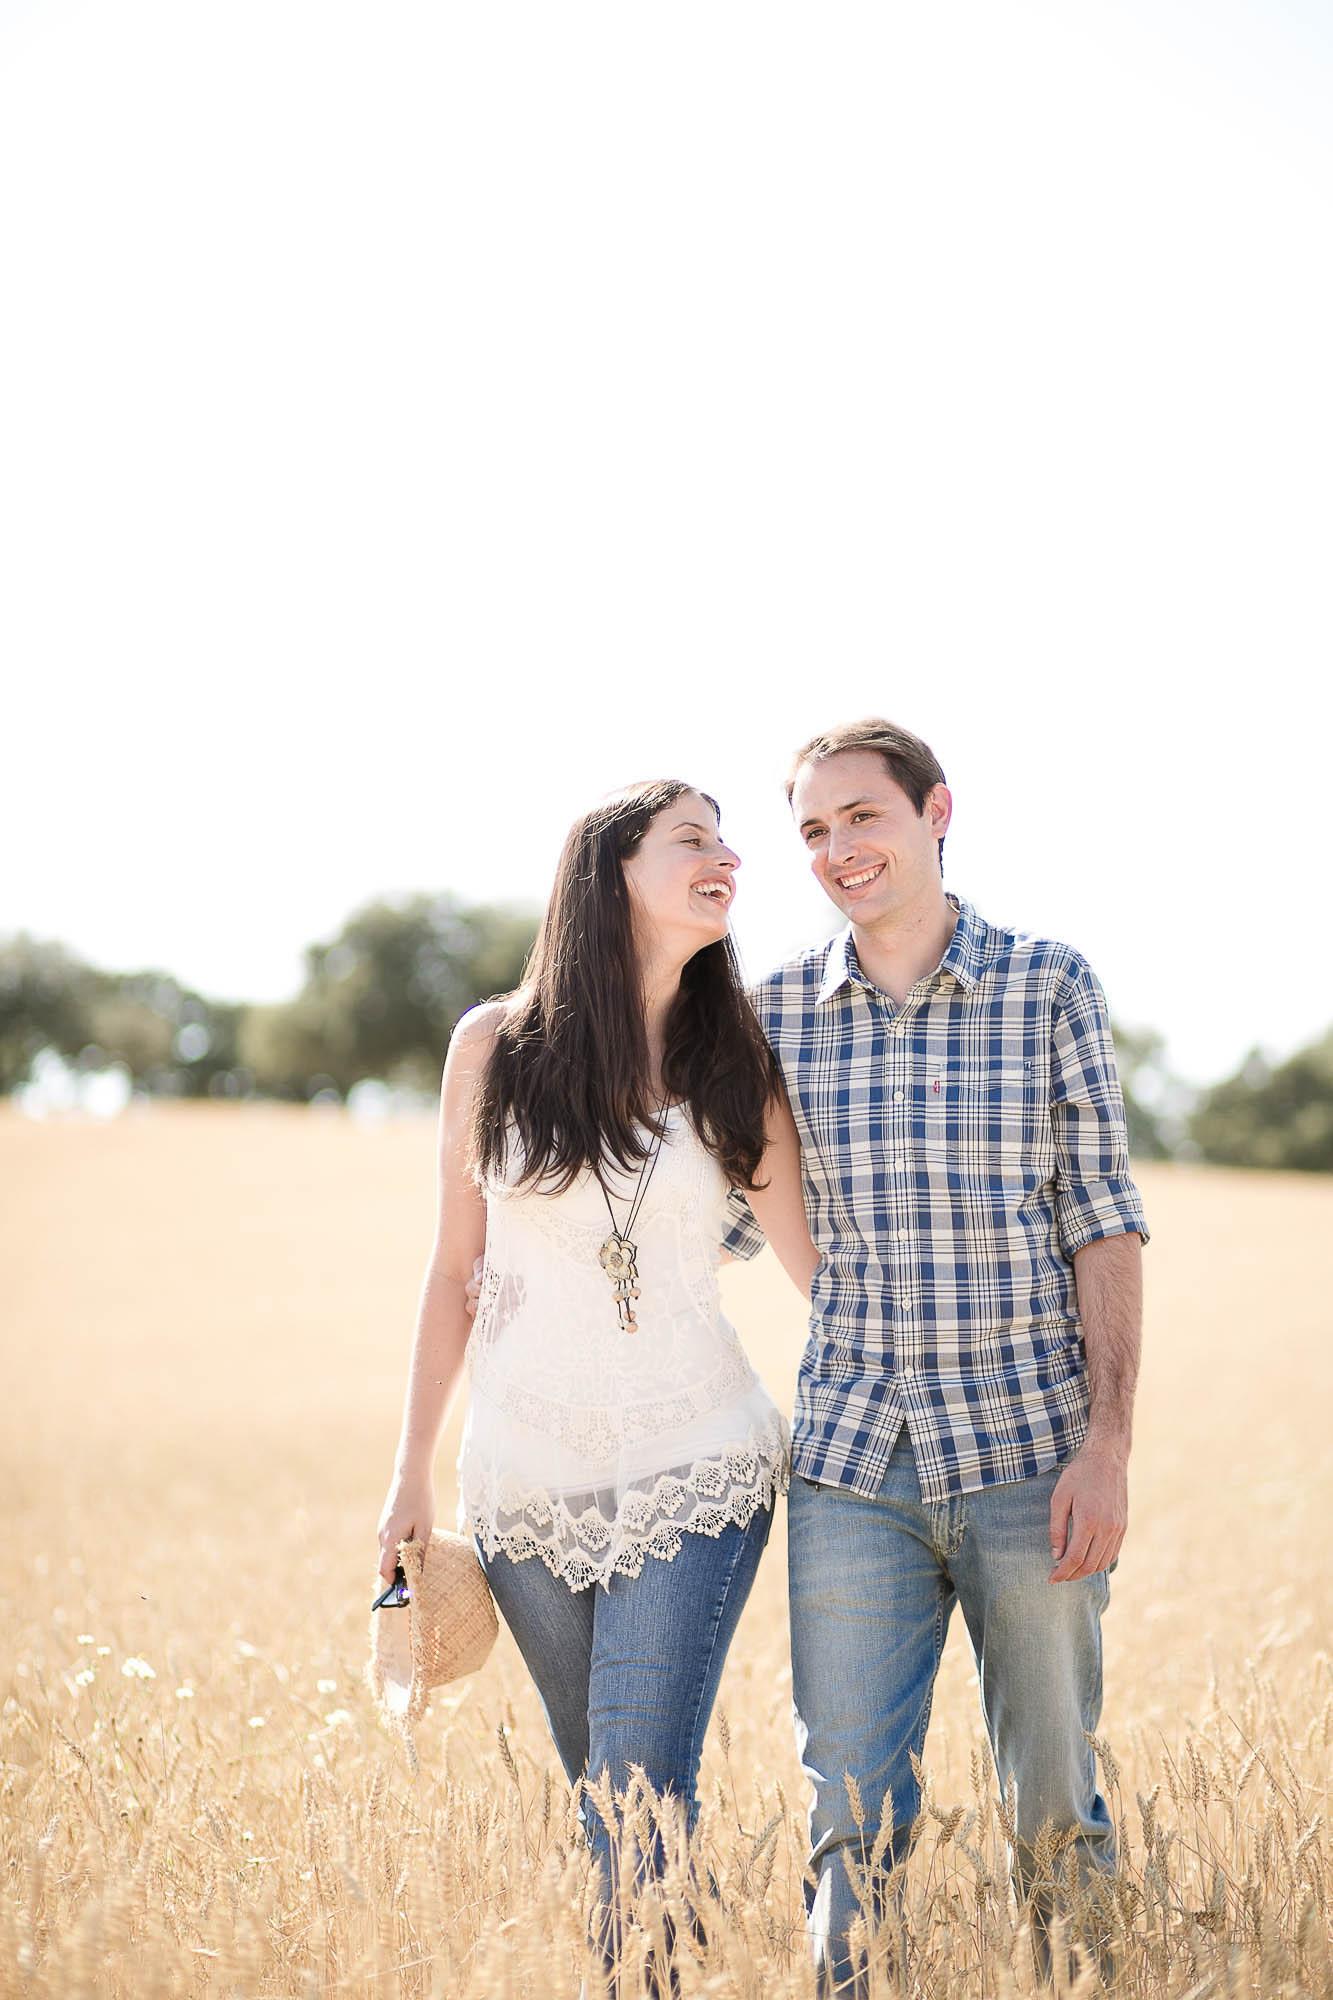 La pareja pasea enamorada en medio de un trigal